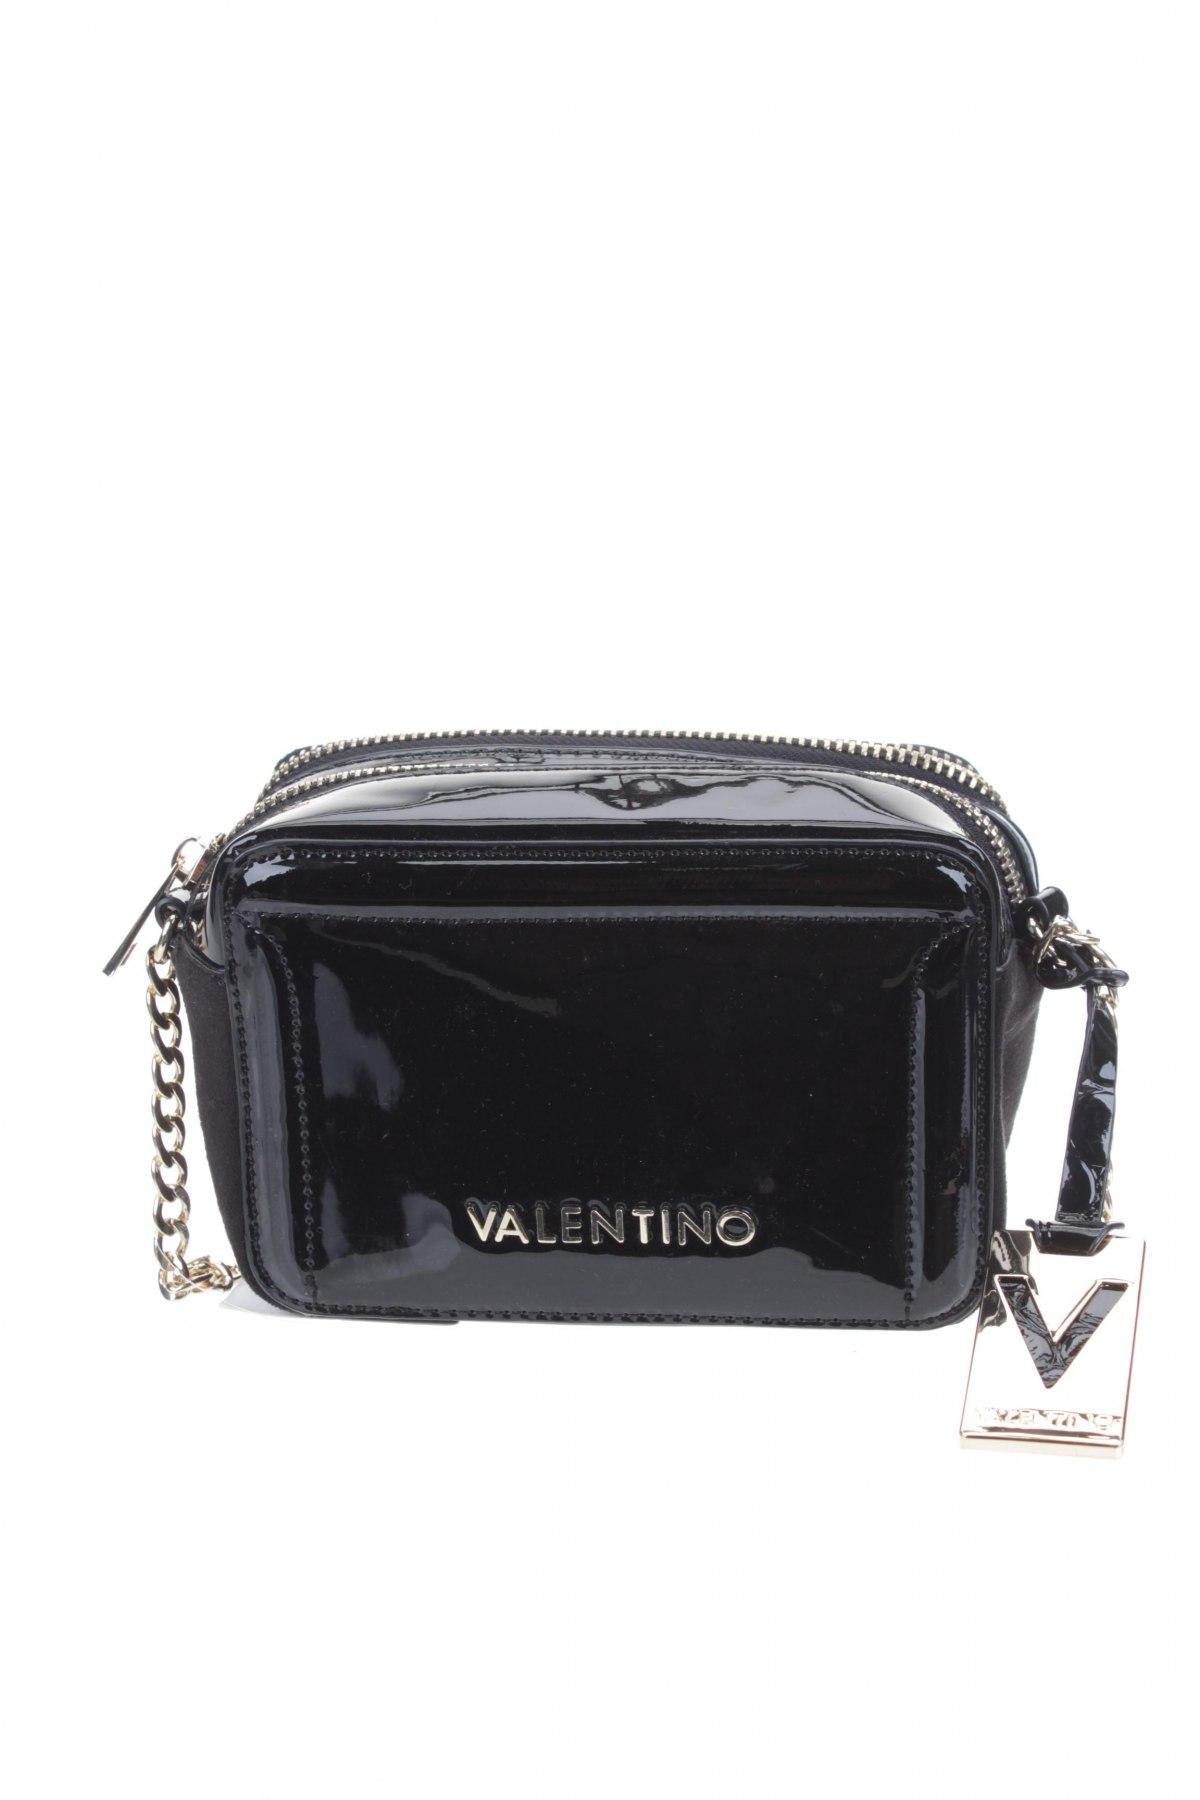 97771f2d6e07 Női táska Valentino di Mario Valentino - kedvező áron Remixben ...